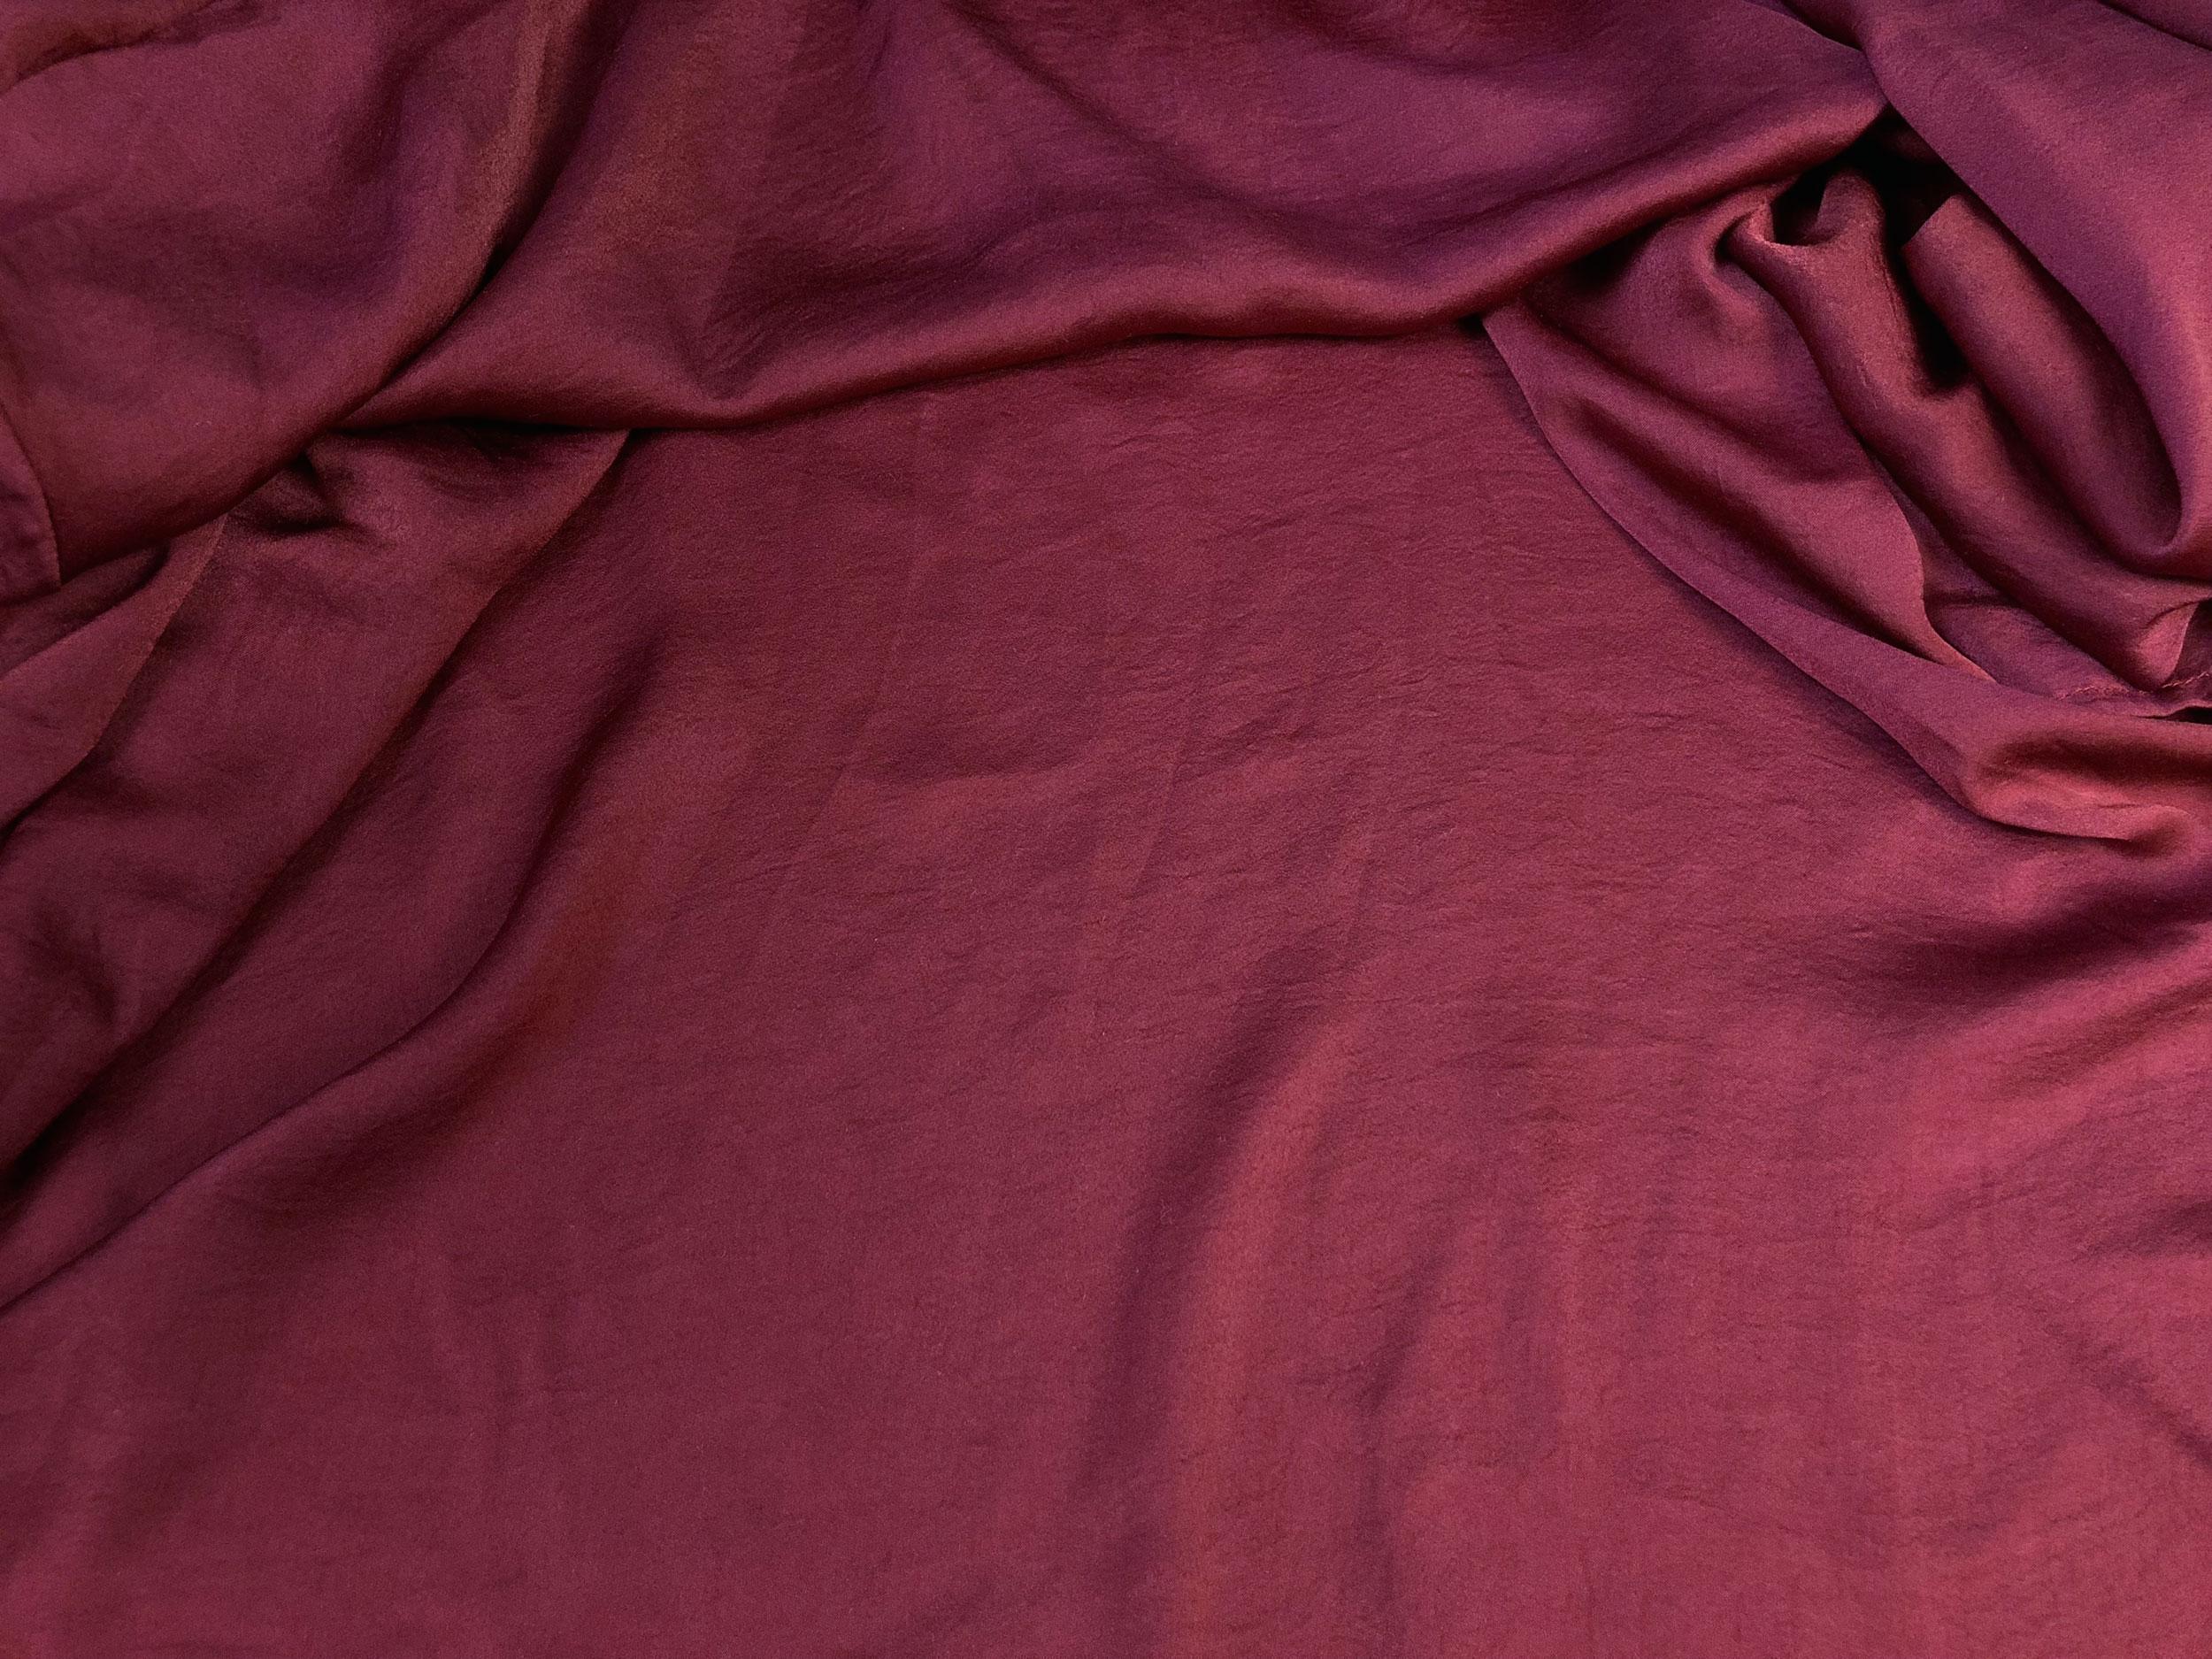 Обзор халата из смесового шелка Lelasilk на garterblog.ru